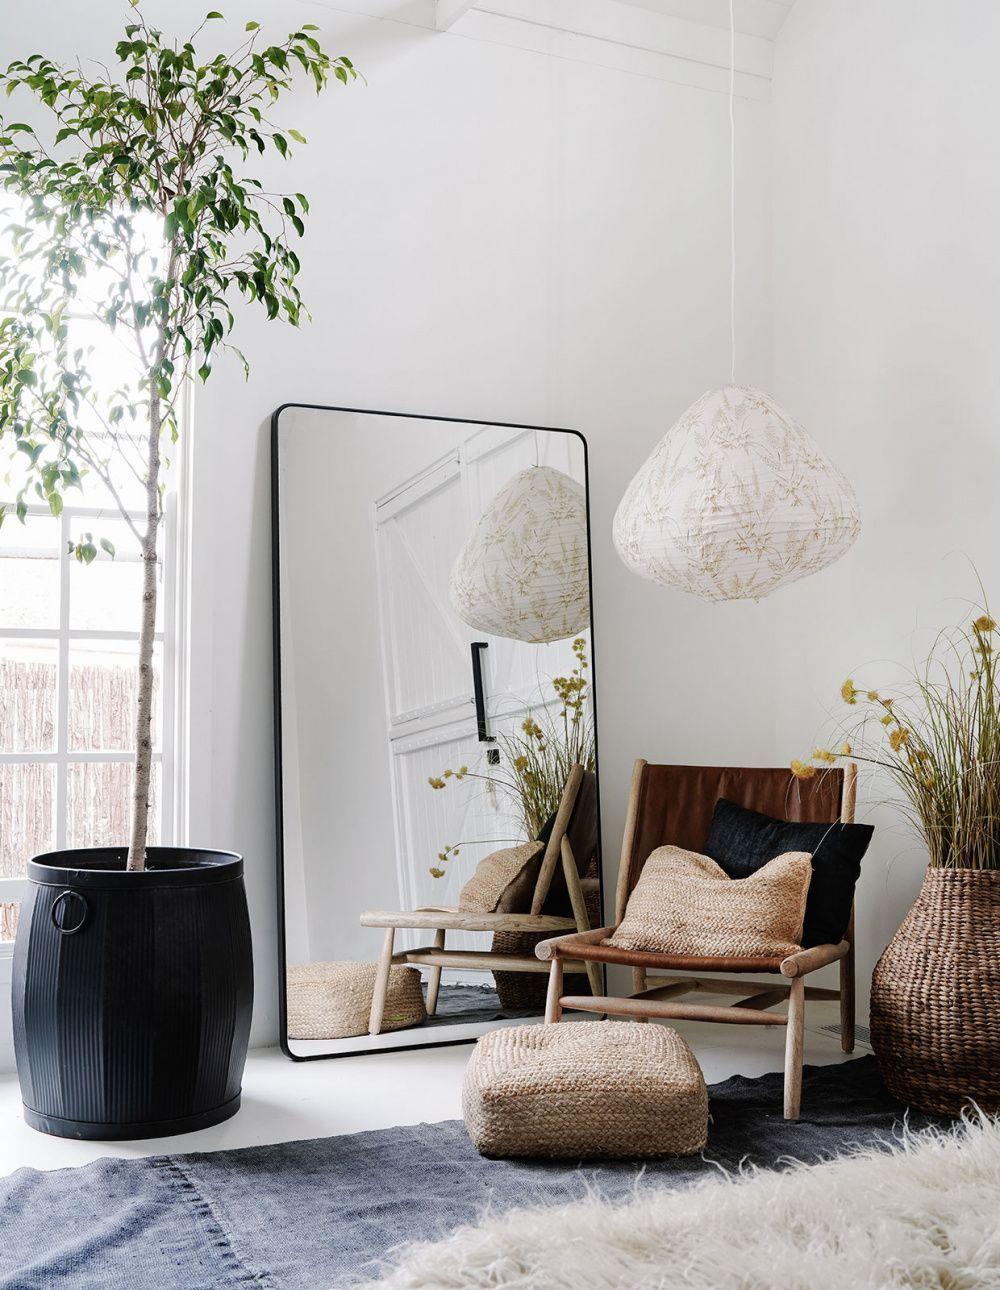 ilaria fatone inspirations - un miroir oversize posé au sol à coté d'une fenêtre